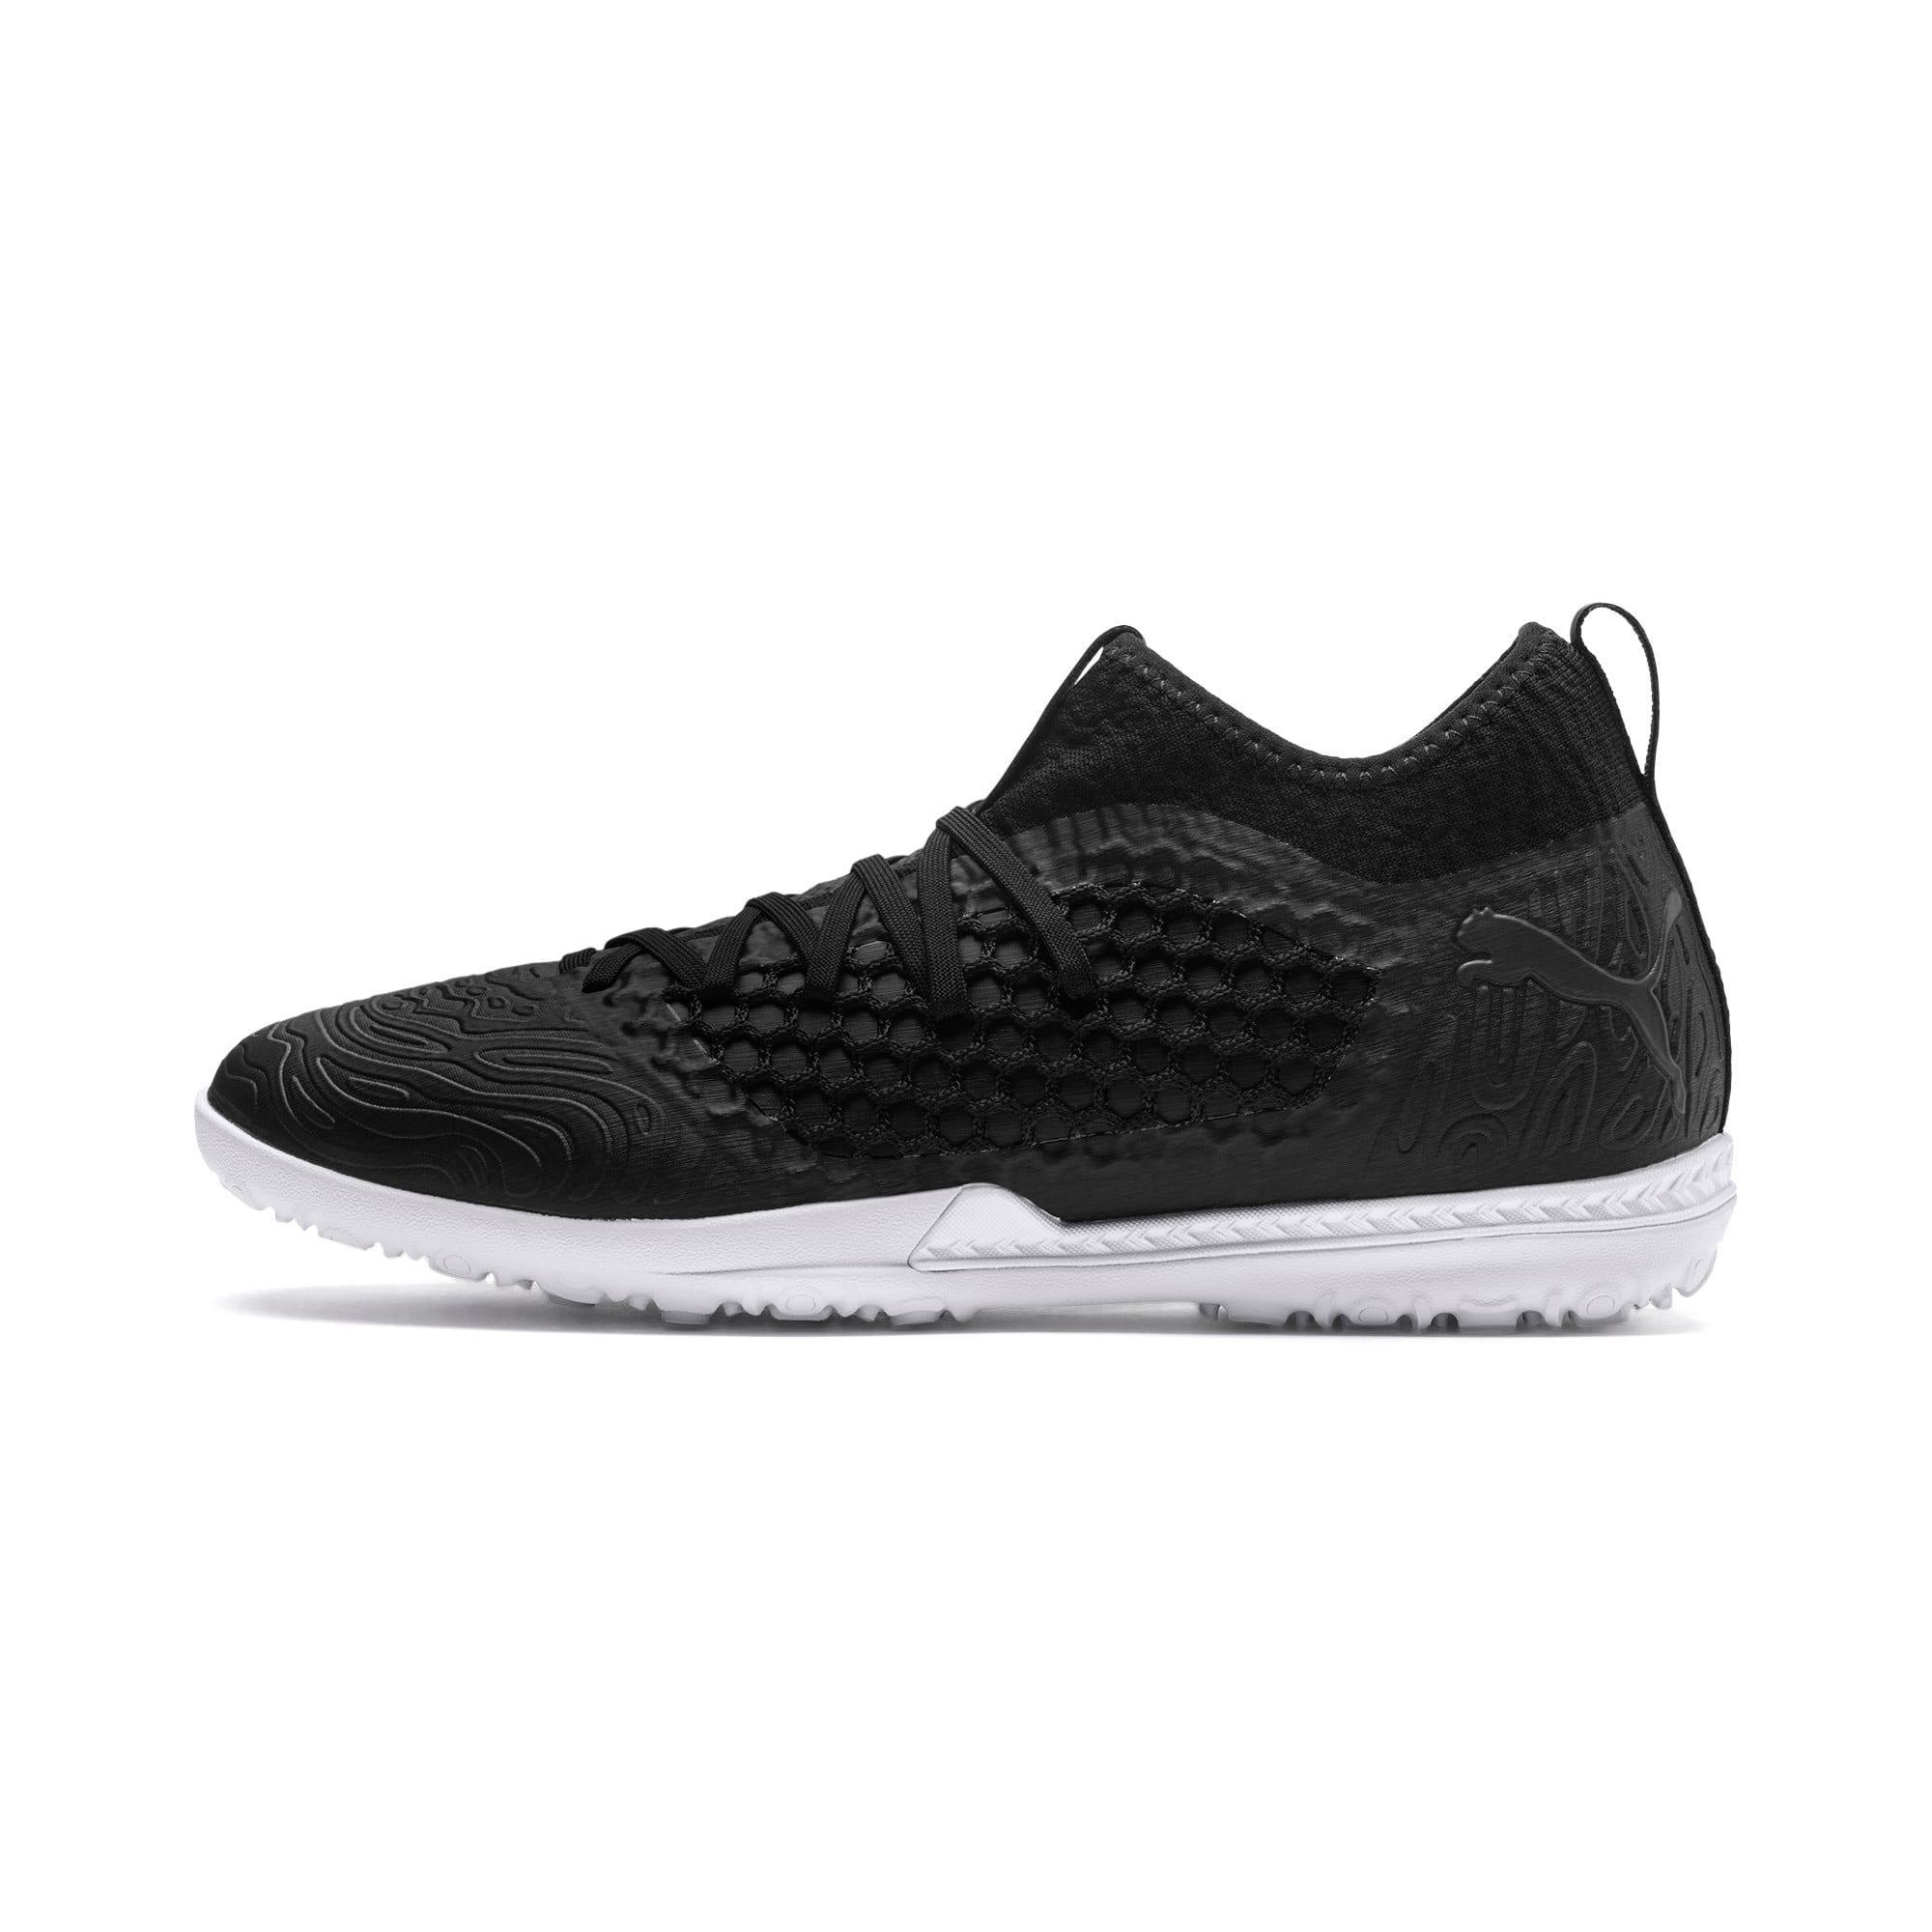 Thumbnail 1 of FUTURE 19.3 NETFIT TT Men's Soccer Shoes, Puma Black-Puma Black-White, medium